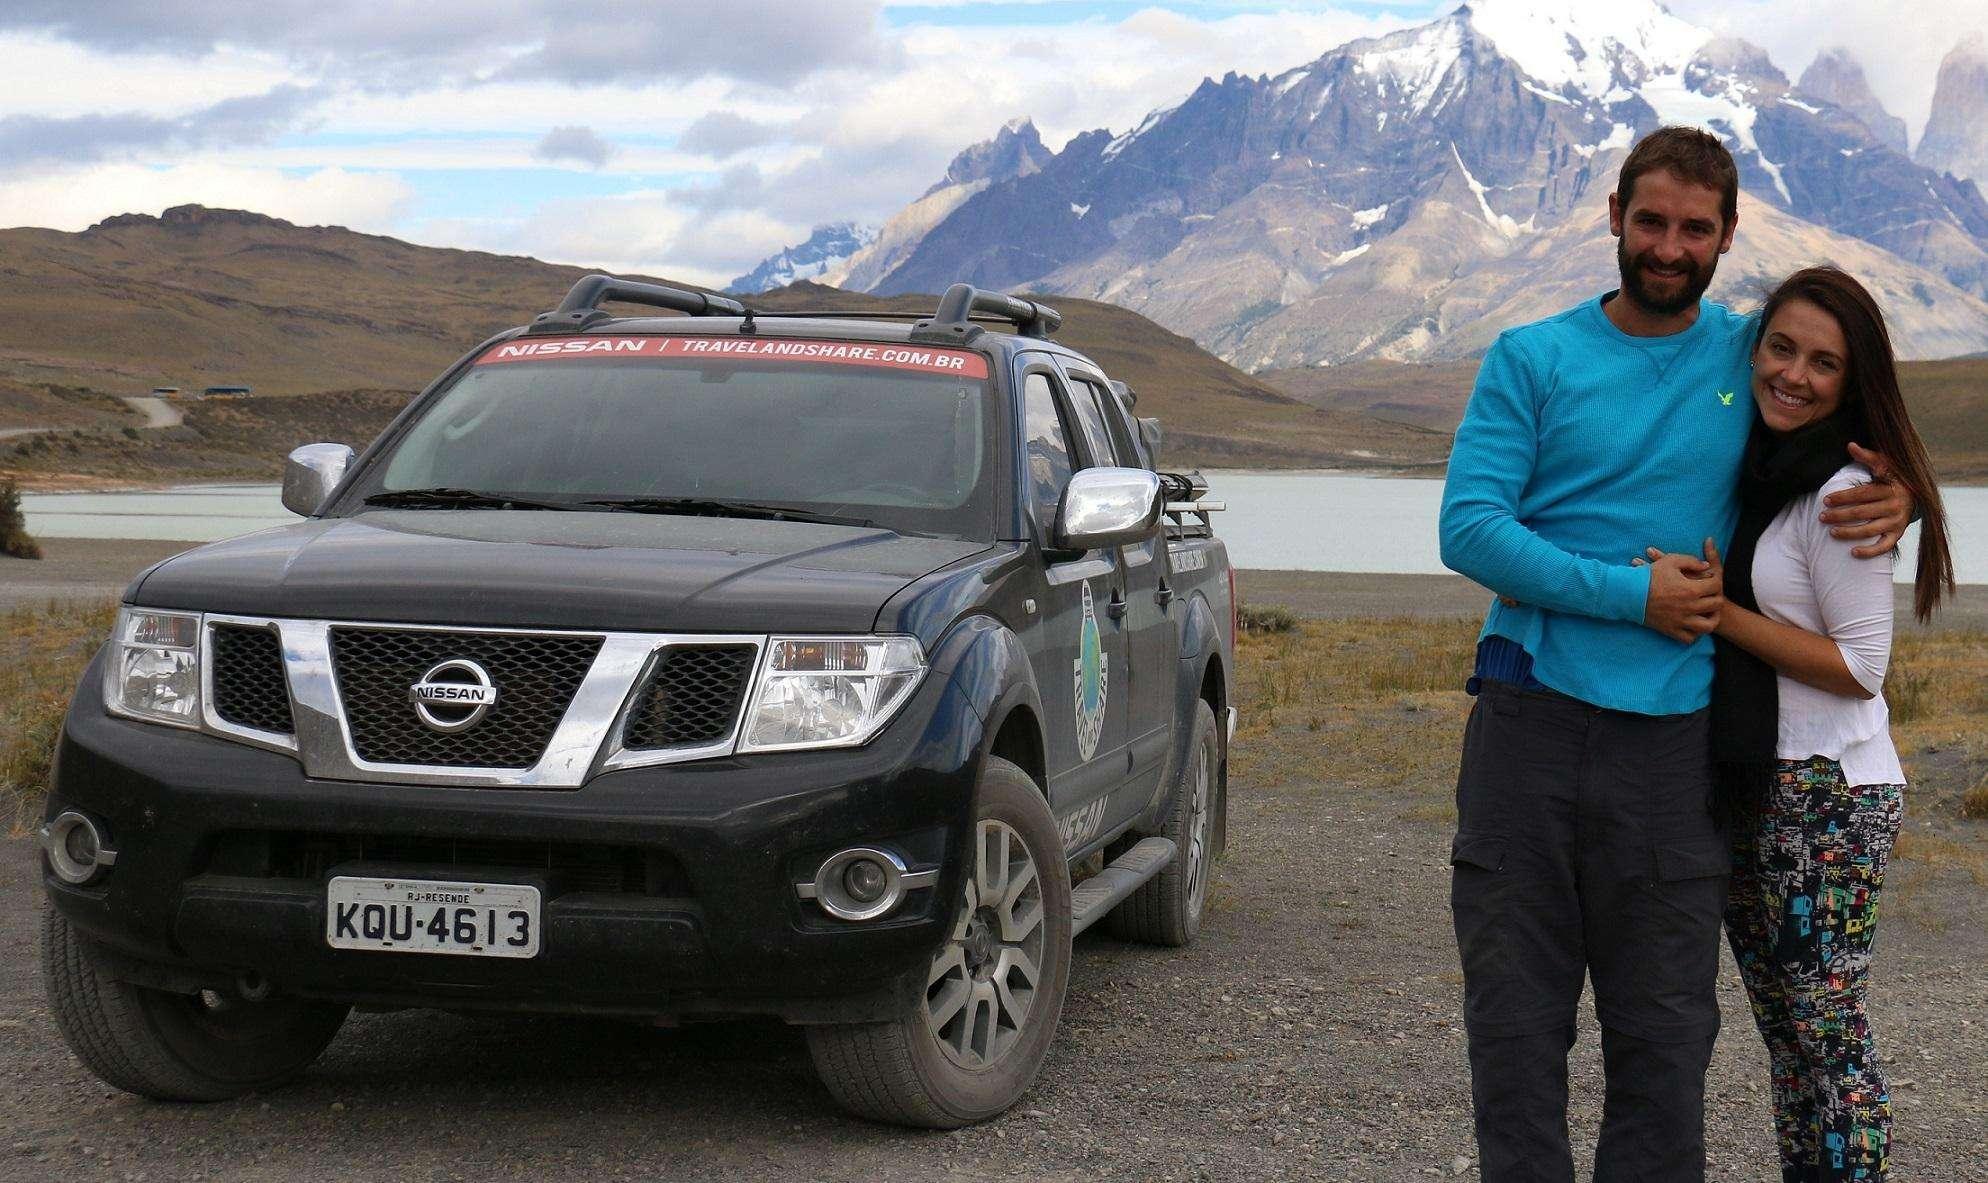 Nissan Frontier chega ao Alasca, após percorrer 15 países e 40 mil quilômetros